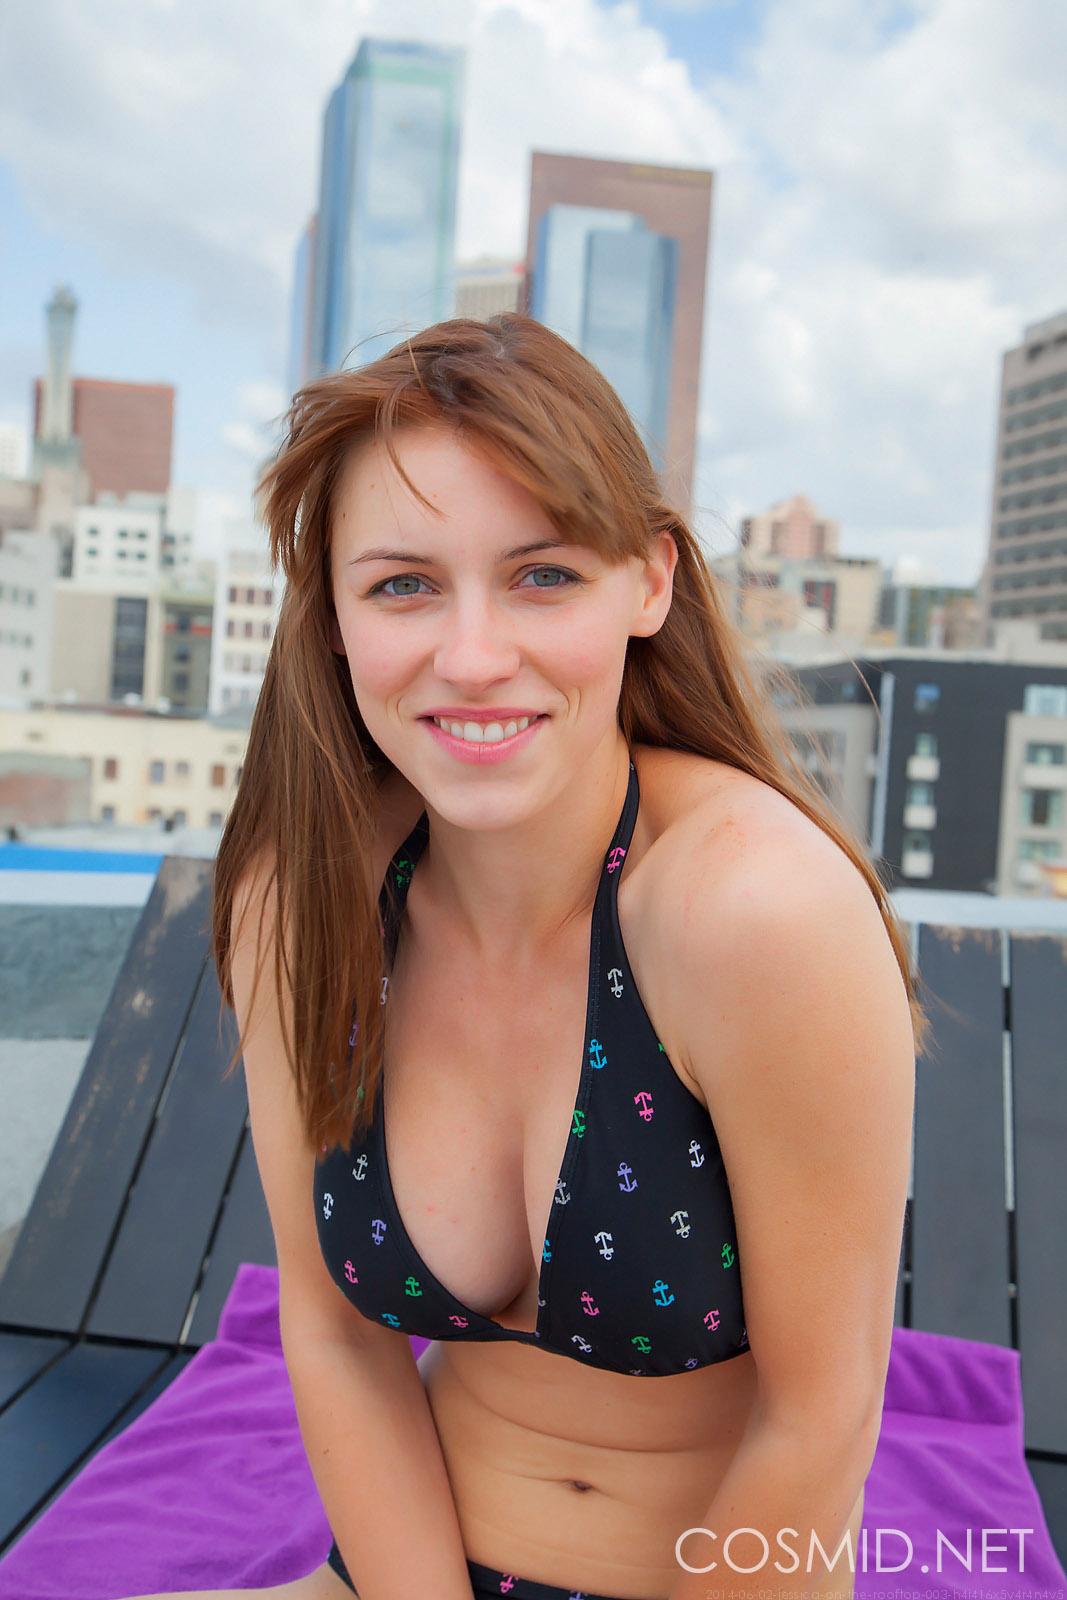 Carmen hayes sweet pussy amp great tits fucked hard 3